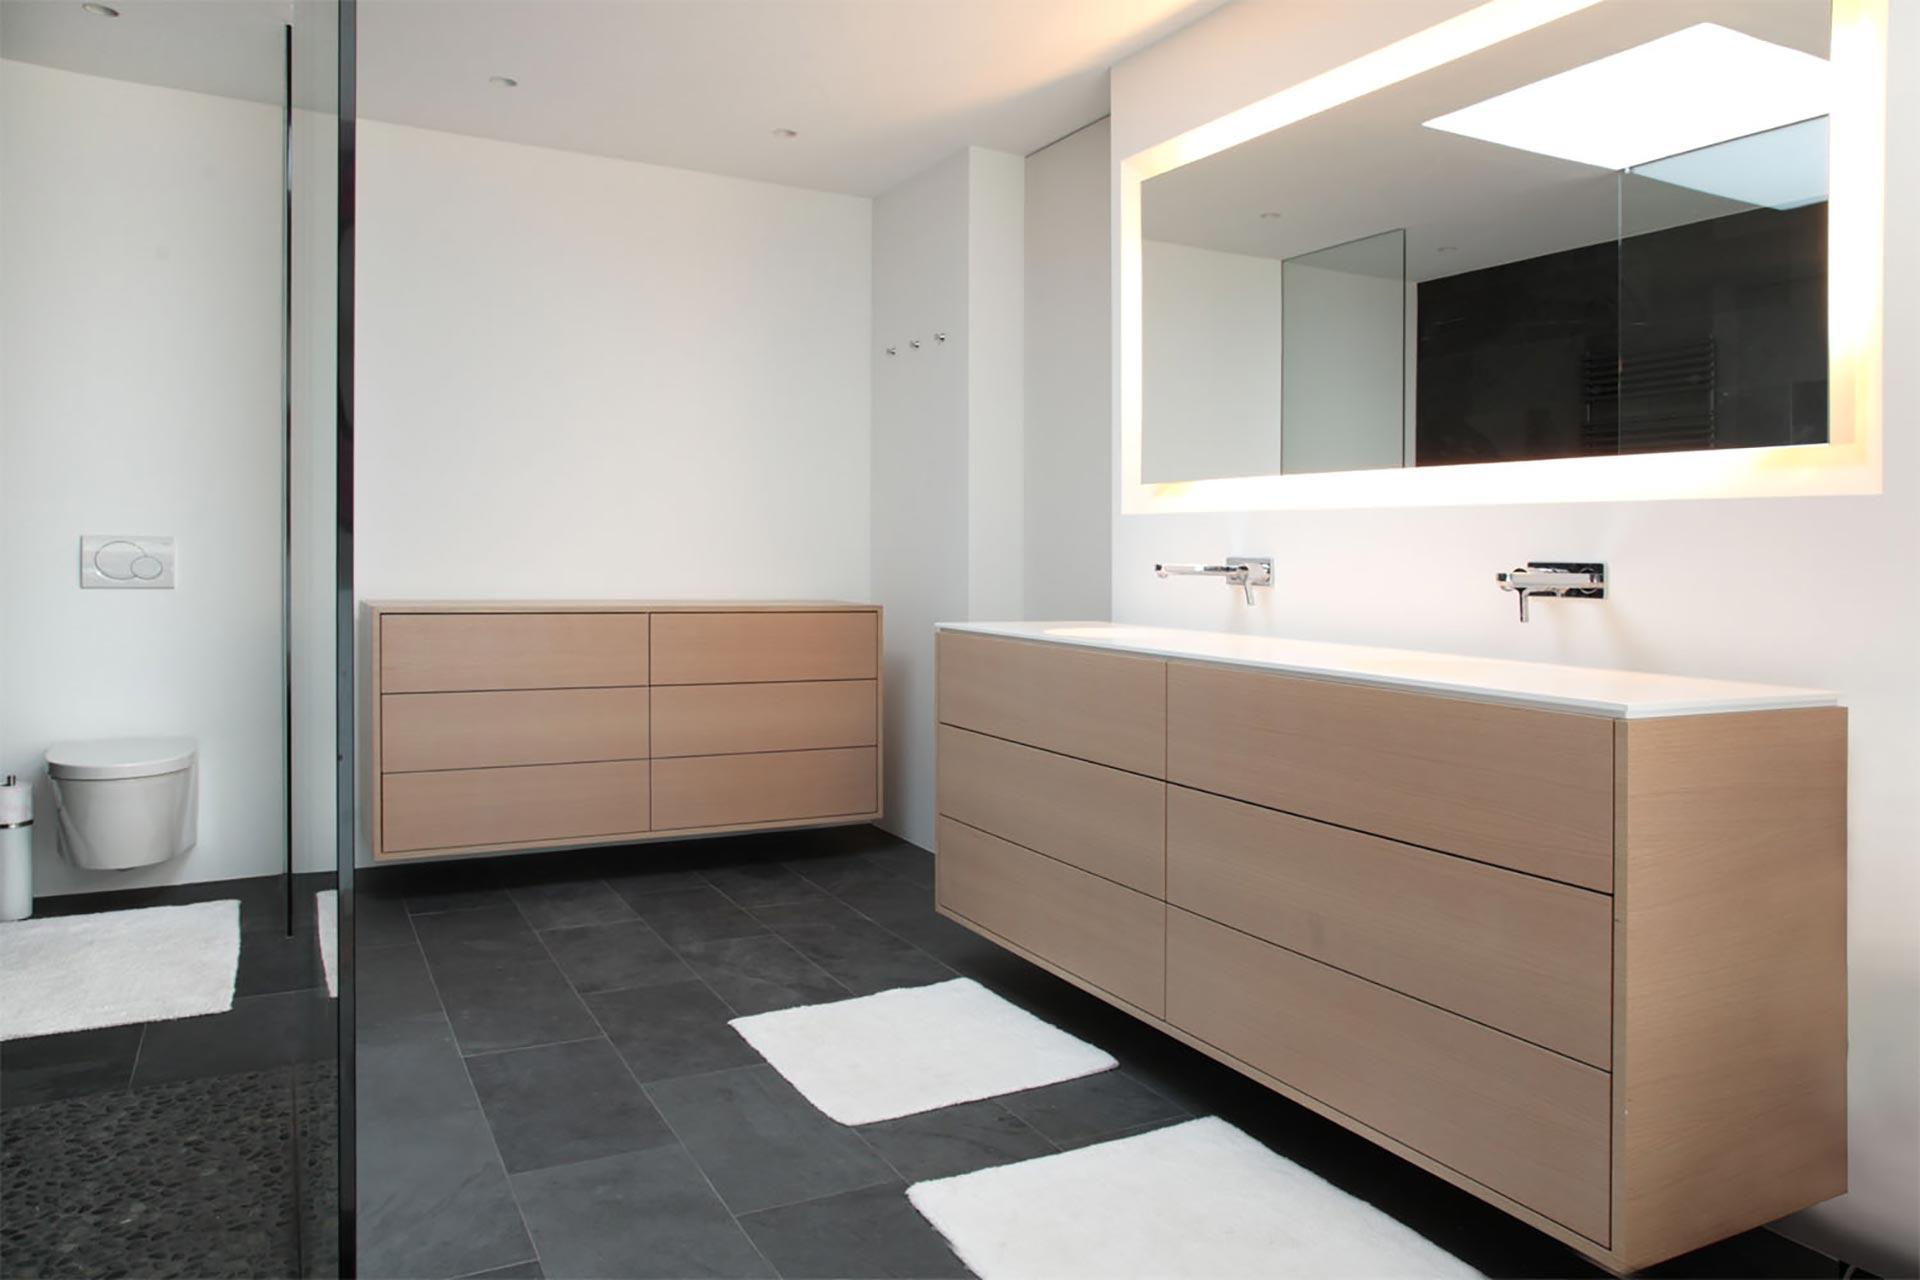 actica GmbH – actica planen & einrichten » Badezimmer und Einbaumöbel